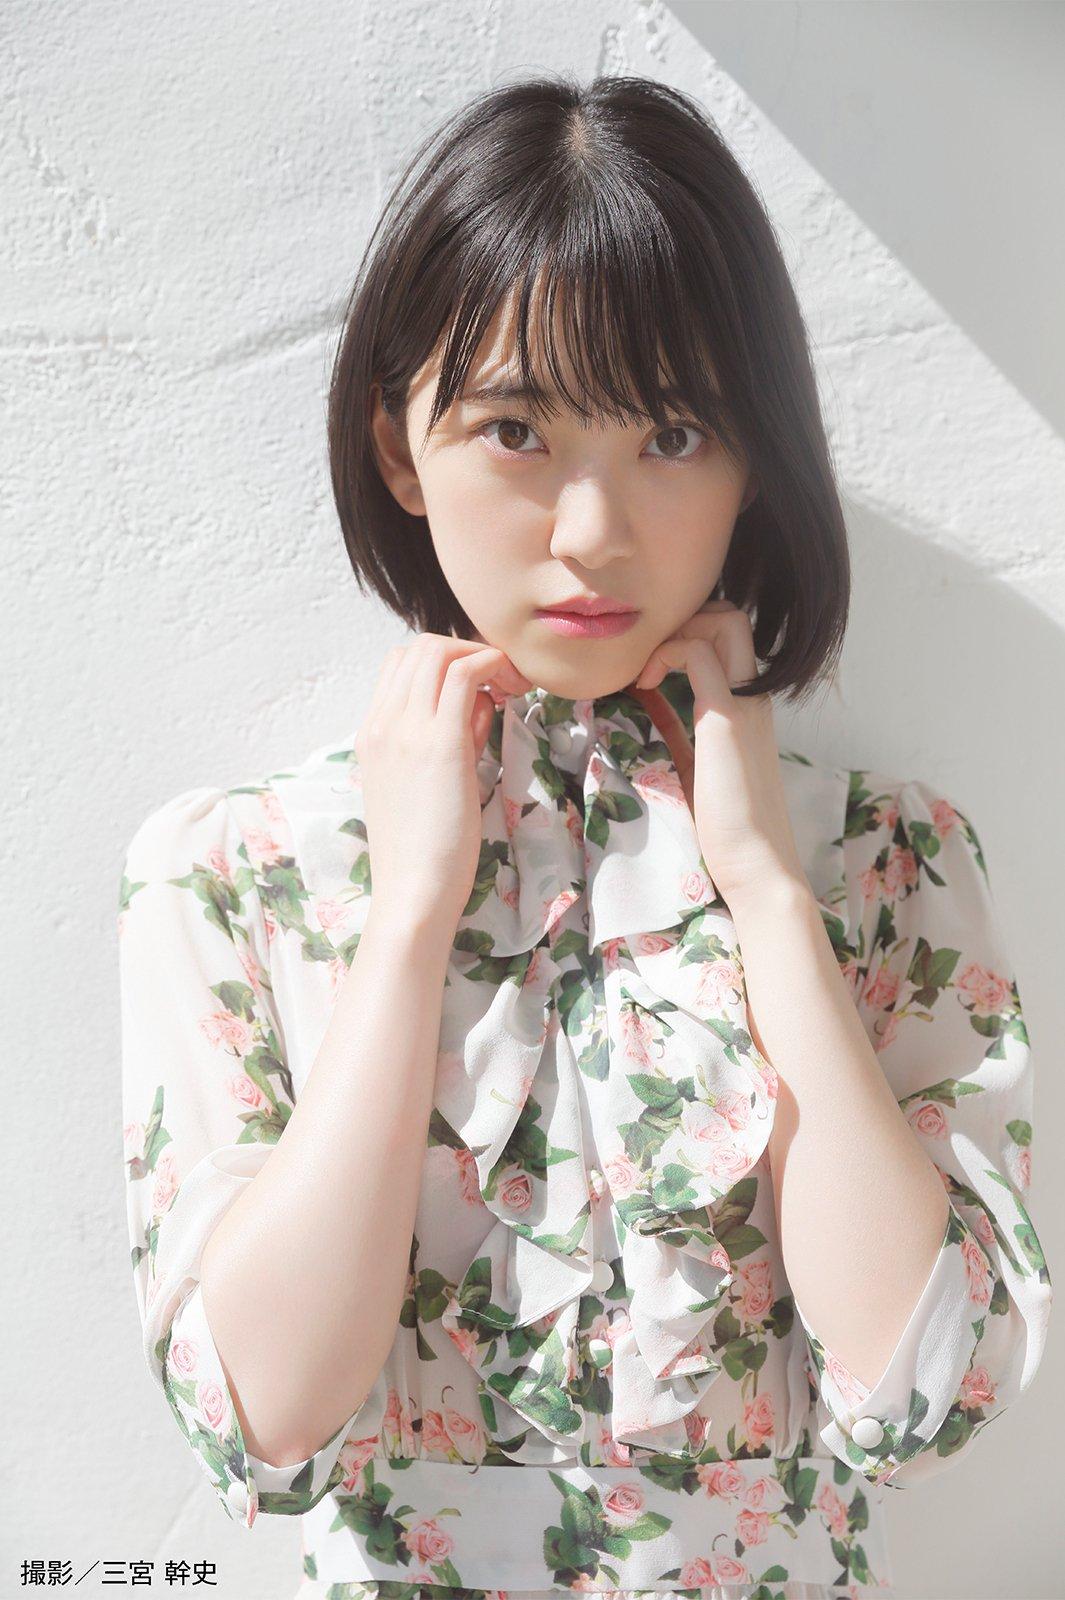 堀未央奈 2019 薔薇 済み